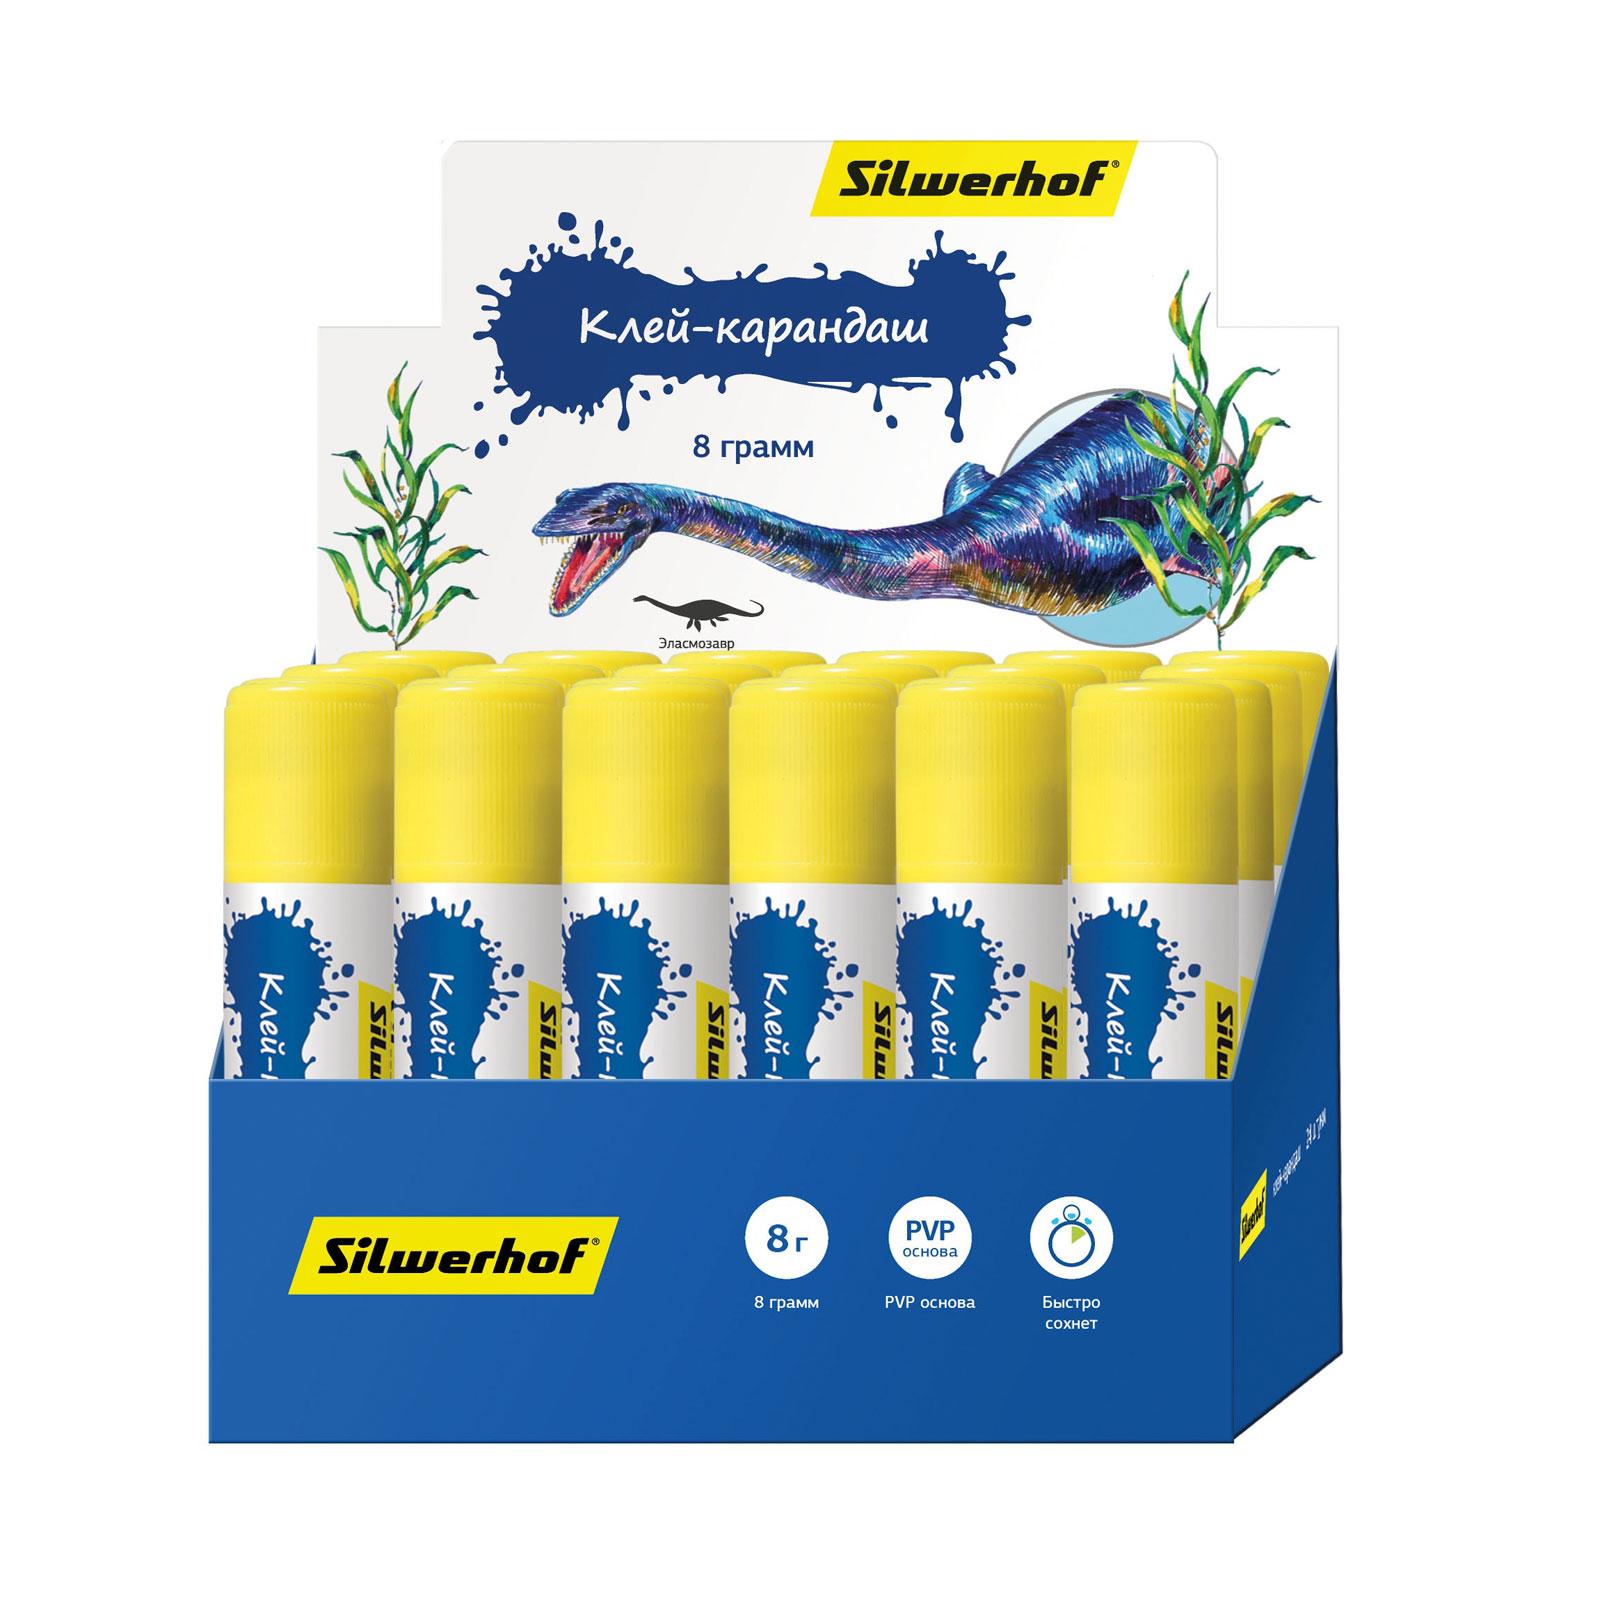 Клей-карандаш Silwerhof 8 гр Динозавры